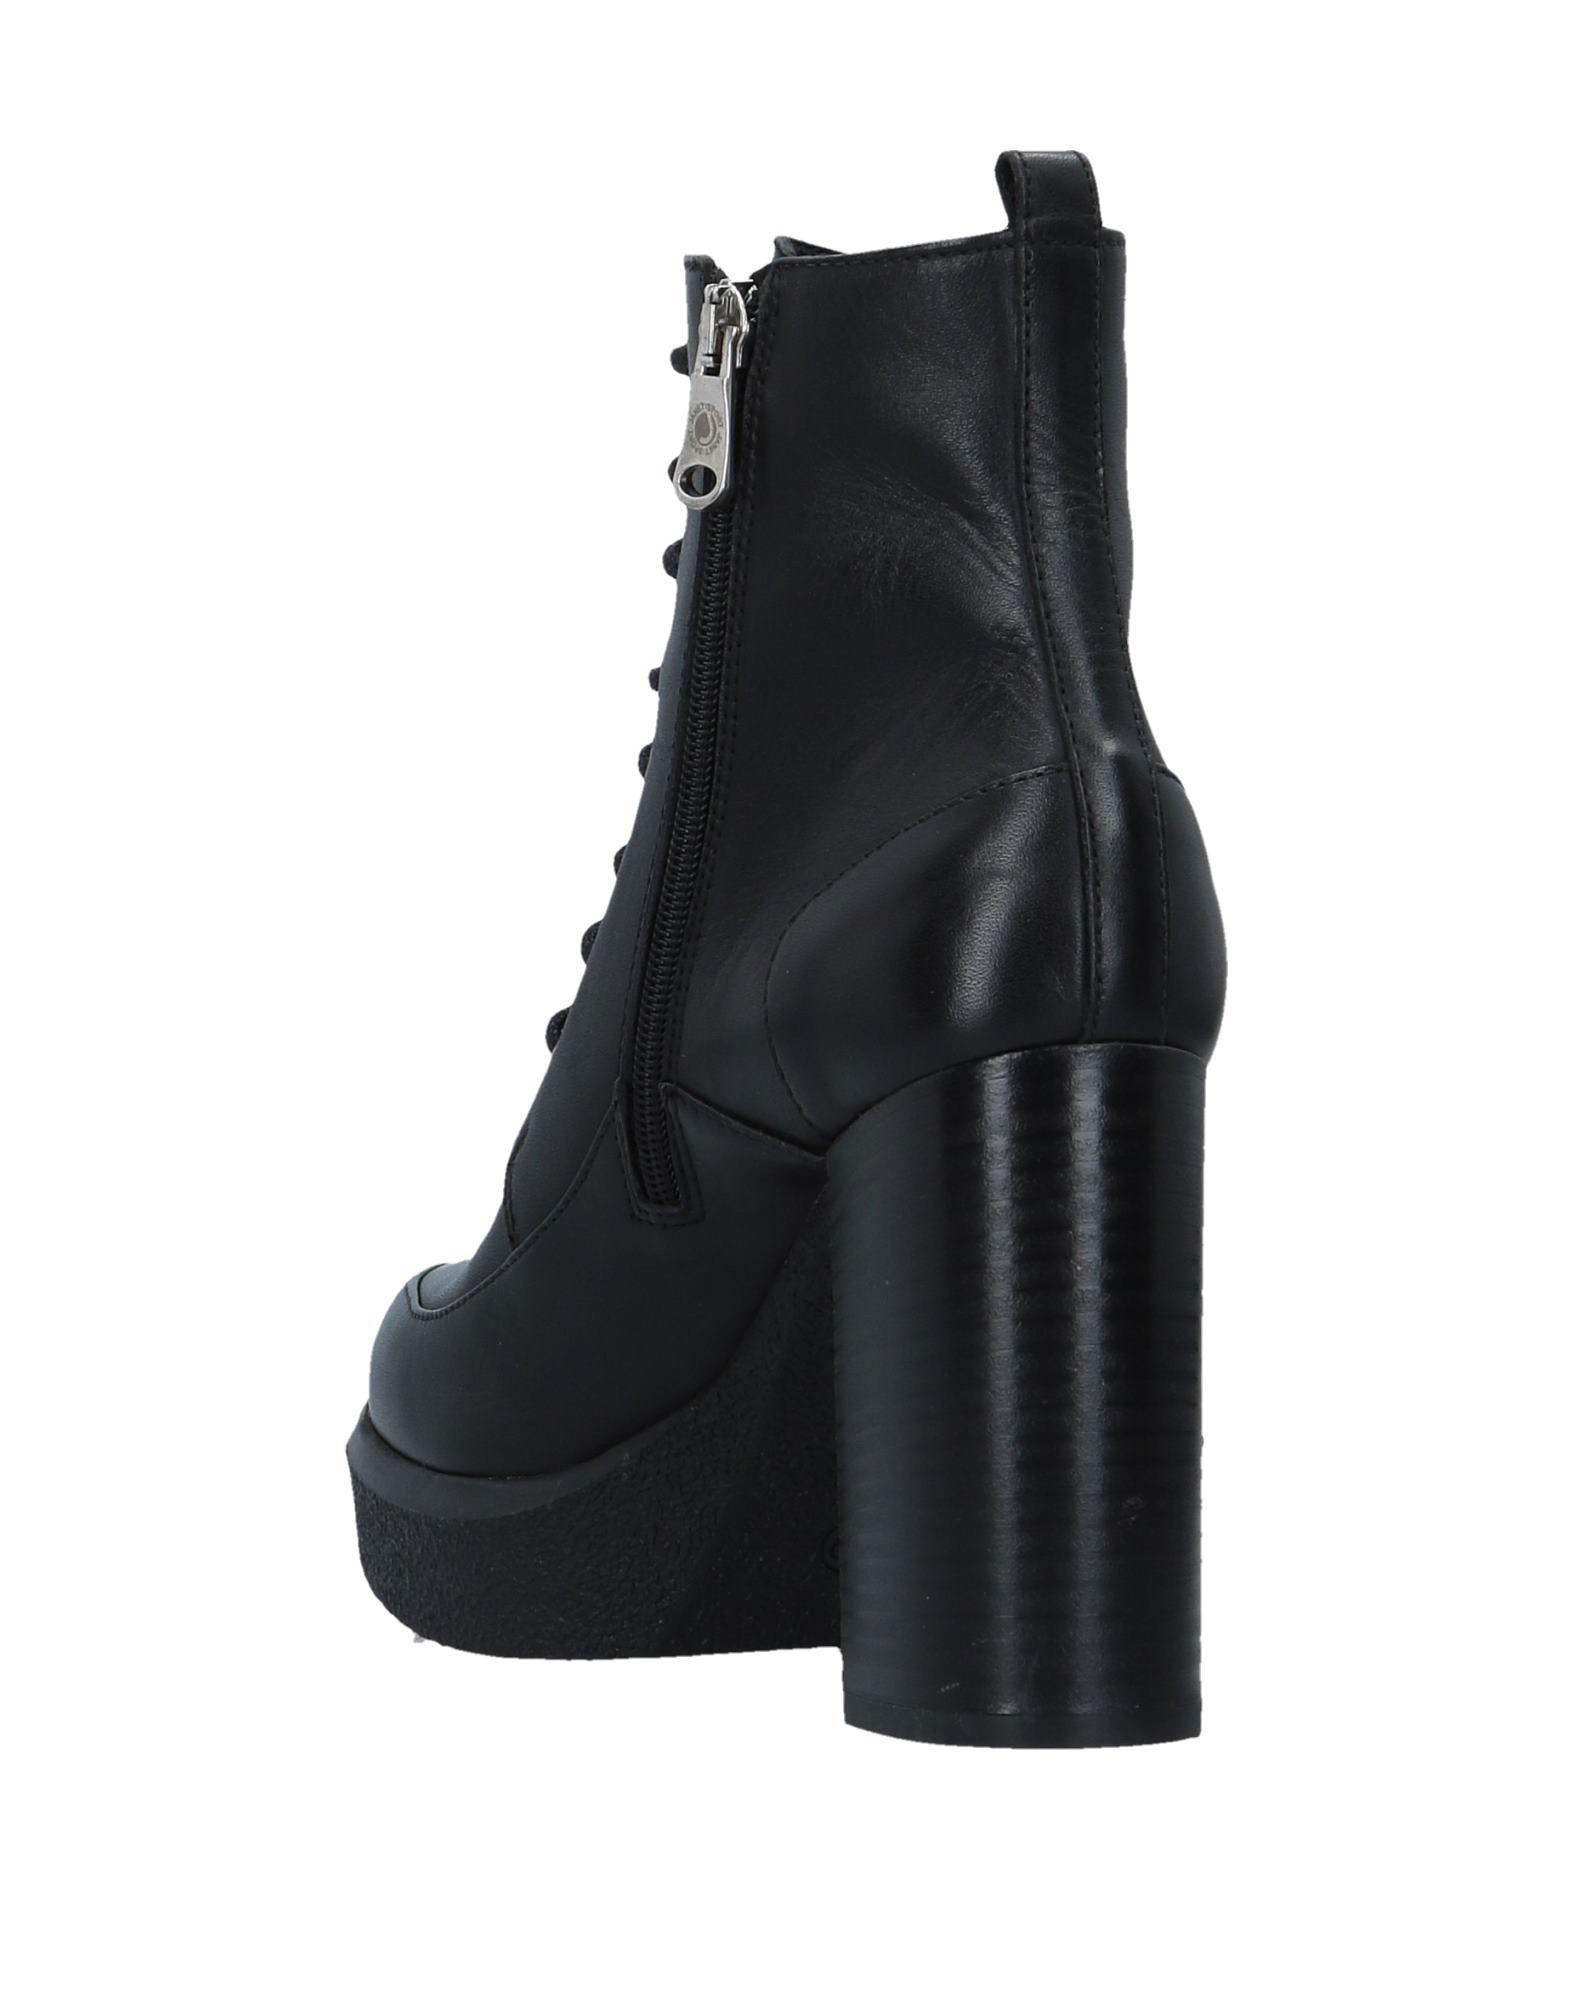 Gut um billige Schuhe Damen zu tragenJanet Sport Stiefelette Damen Schuhe  11537196DS 9842c2